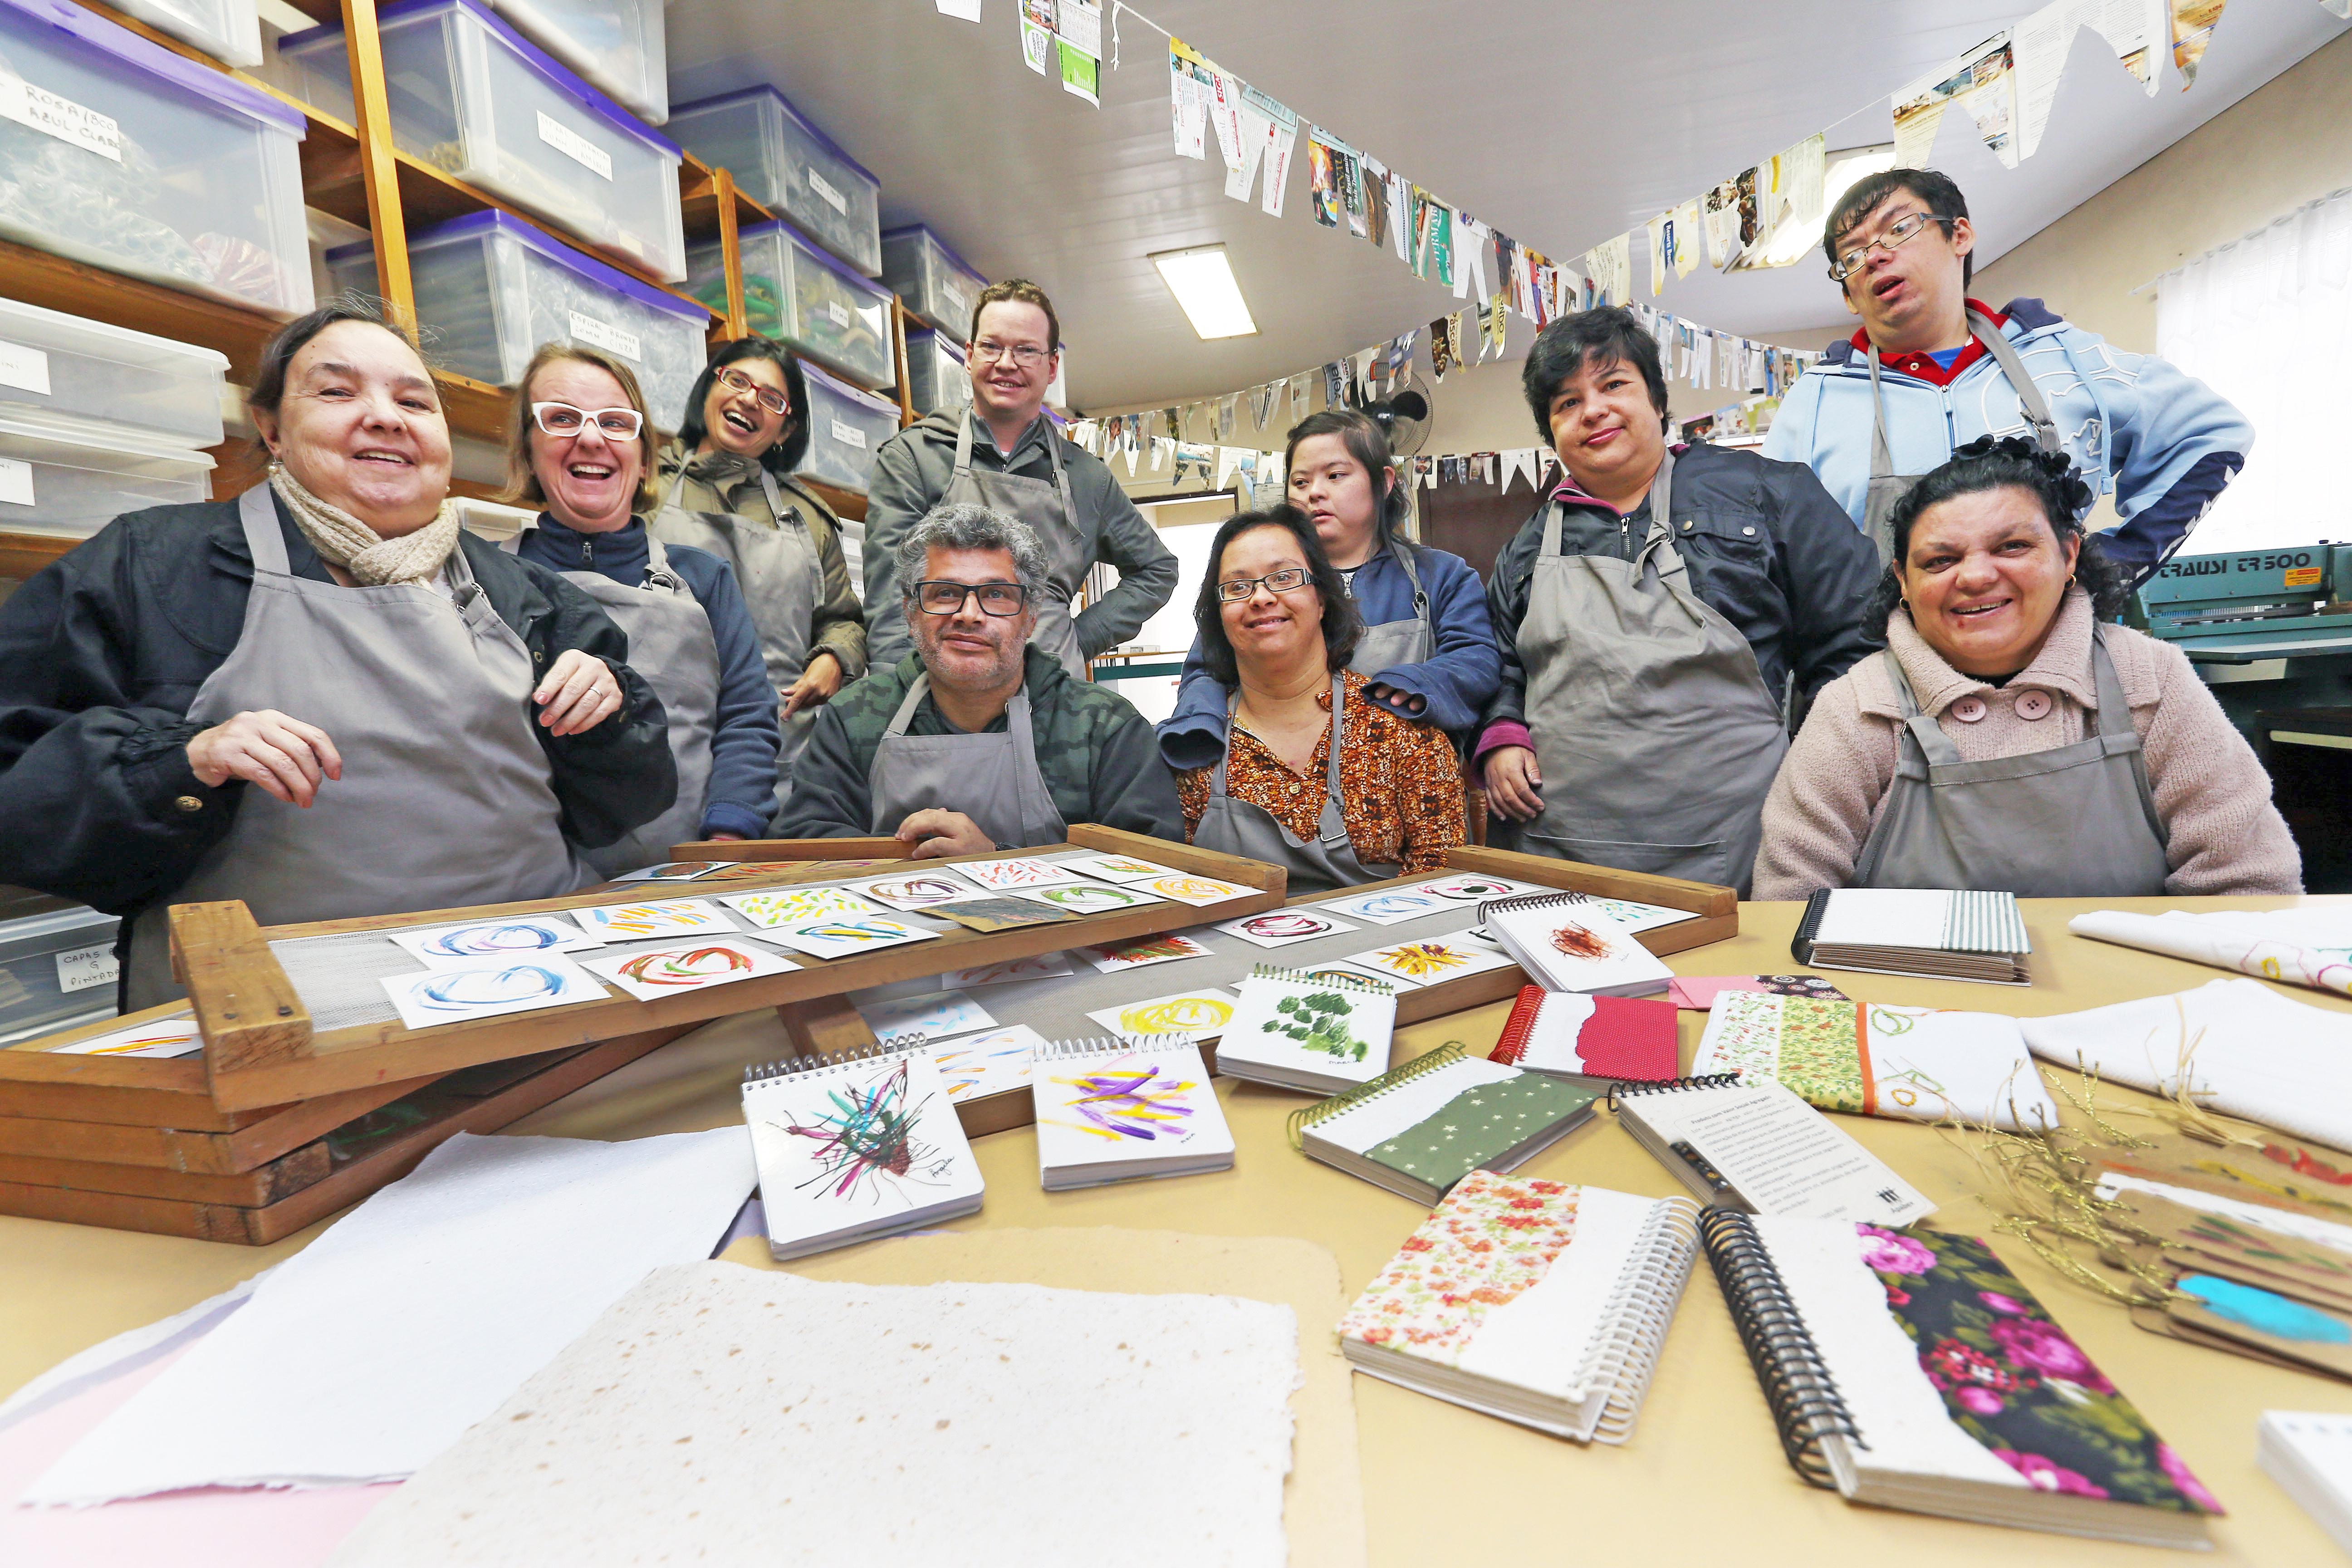 Foto em plano aberto de um grupo com diversas pessoas usando aventais e com encadernações e pinturas espalhadas em uma mesa. Elas sorriem na direção da câmera